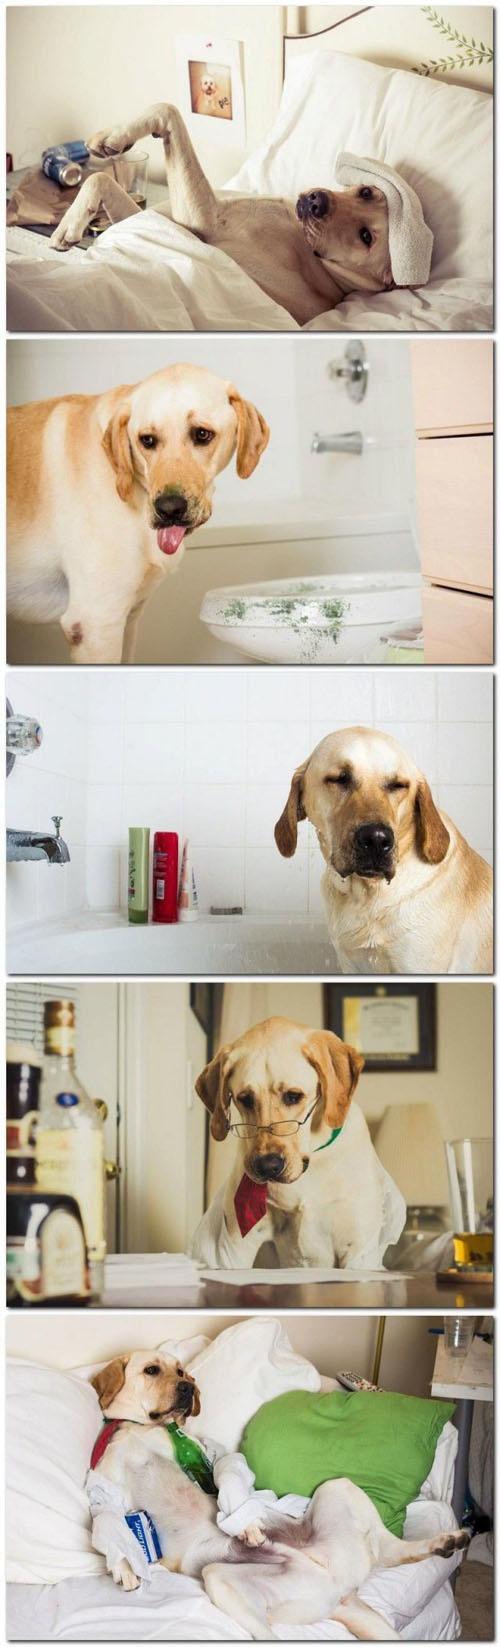 Σκύλοι σε απίθανες στιγμές (26)